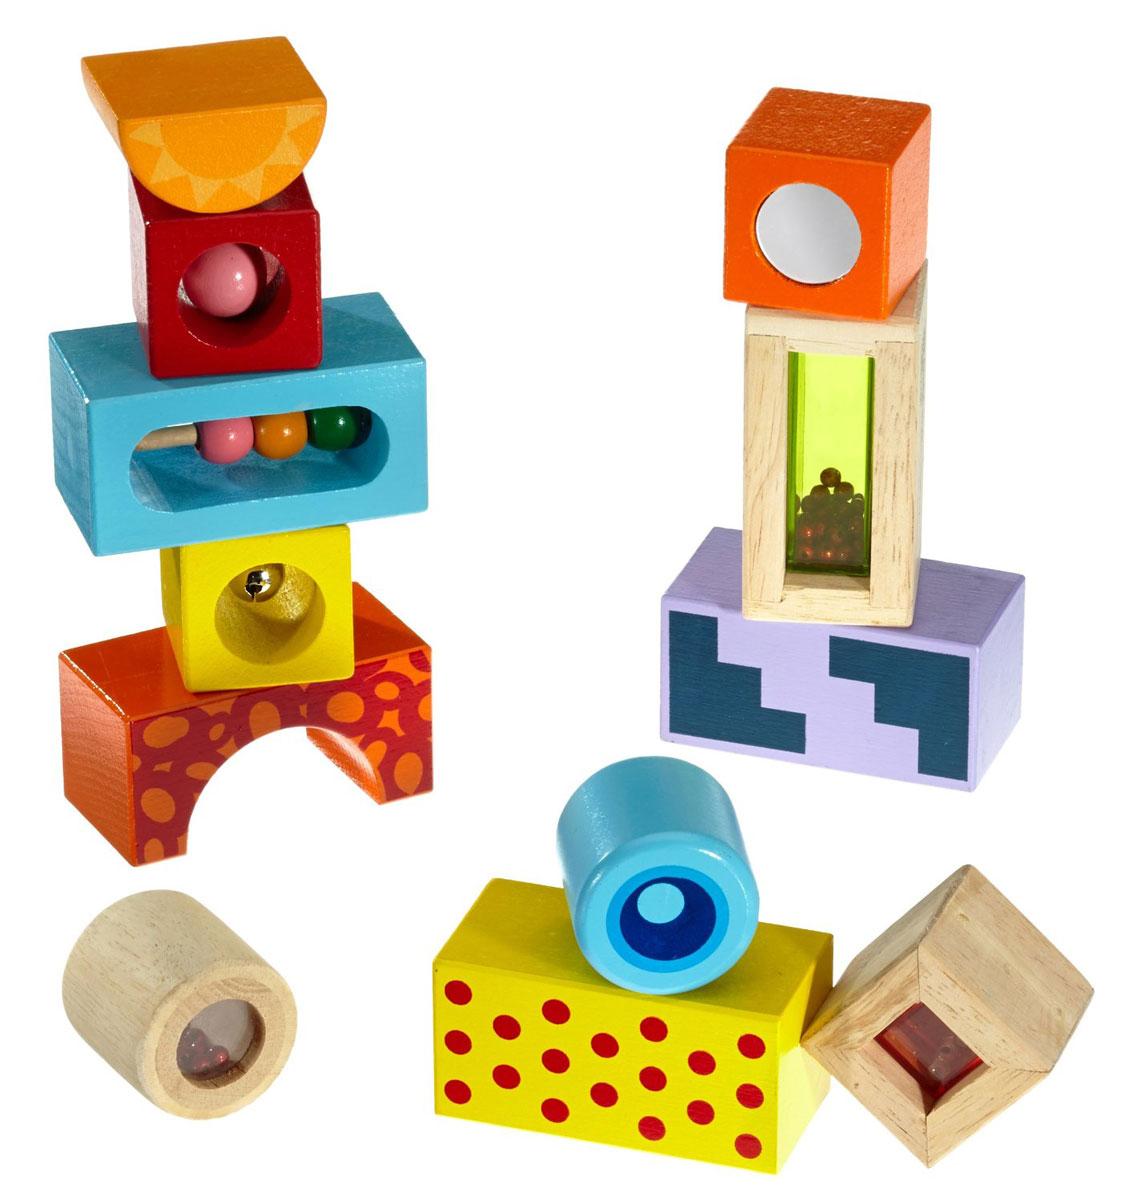 Eichhorn Развивающие кубики со звуком2240Развивающие кубики Eichhorn - это яркий и звонкий набор для малышей. Деревянные кубики разных форм раскрашены в разные цвета, расписаны яркими узорами, а главное - снабжены погремушками, так что каждый кубик может выступать и как самостоятельная игрушка. В комплекте 4 прямоугольника, 4 куба, 2 цилиндра, полукруг и арка. Из них 3 фигурки - из неокрашенного дерева, зато внутри кубиков имеется пространство, закрытое полупрозрачной пластмассой и заполненное внутри бусинами. Еще один кубик снабжен металлическим бубенчиком. А один из прямоугольников - счетами с тремя шариками. Оранжевый кубик дополнен с двух сторон зеркалами. Каждый их элементов имеет свою оригинальную расцветку. Игры с кубиками развивают мелкую моторику, зрительное восприятие, образное мышление и память. Красочные деревянные кубики удивят и надолго займут веселой игрой вашего малыша.